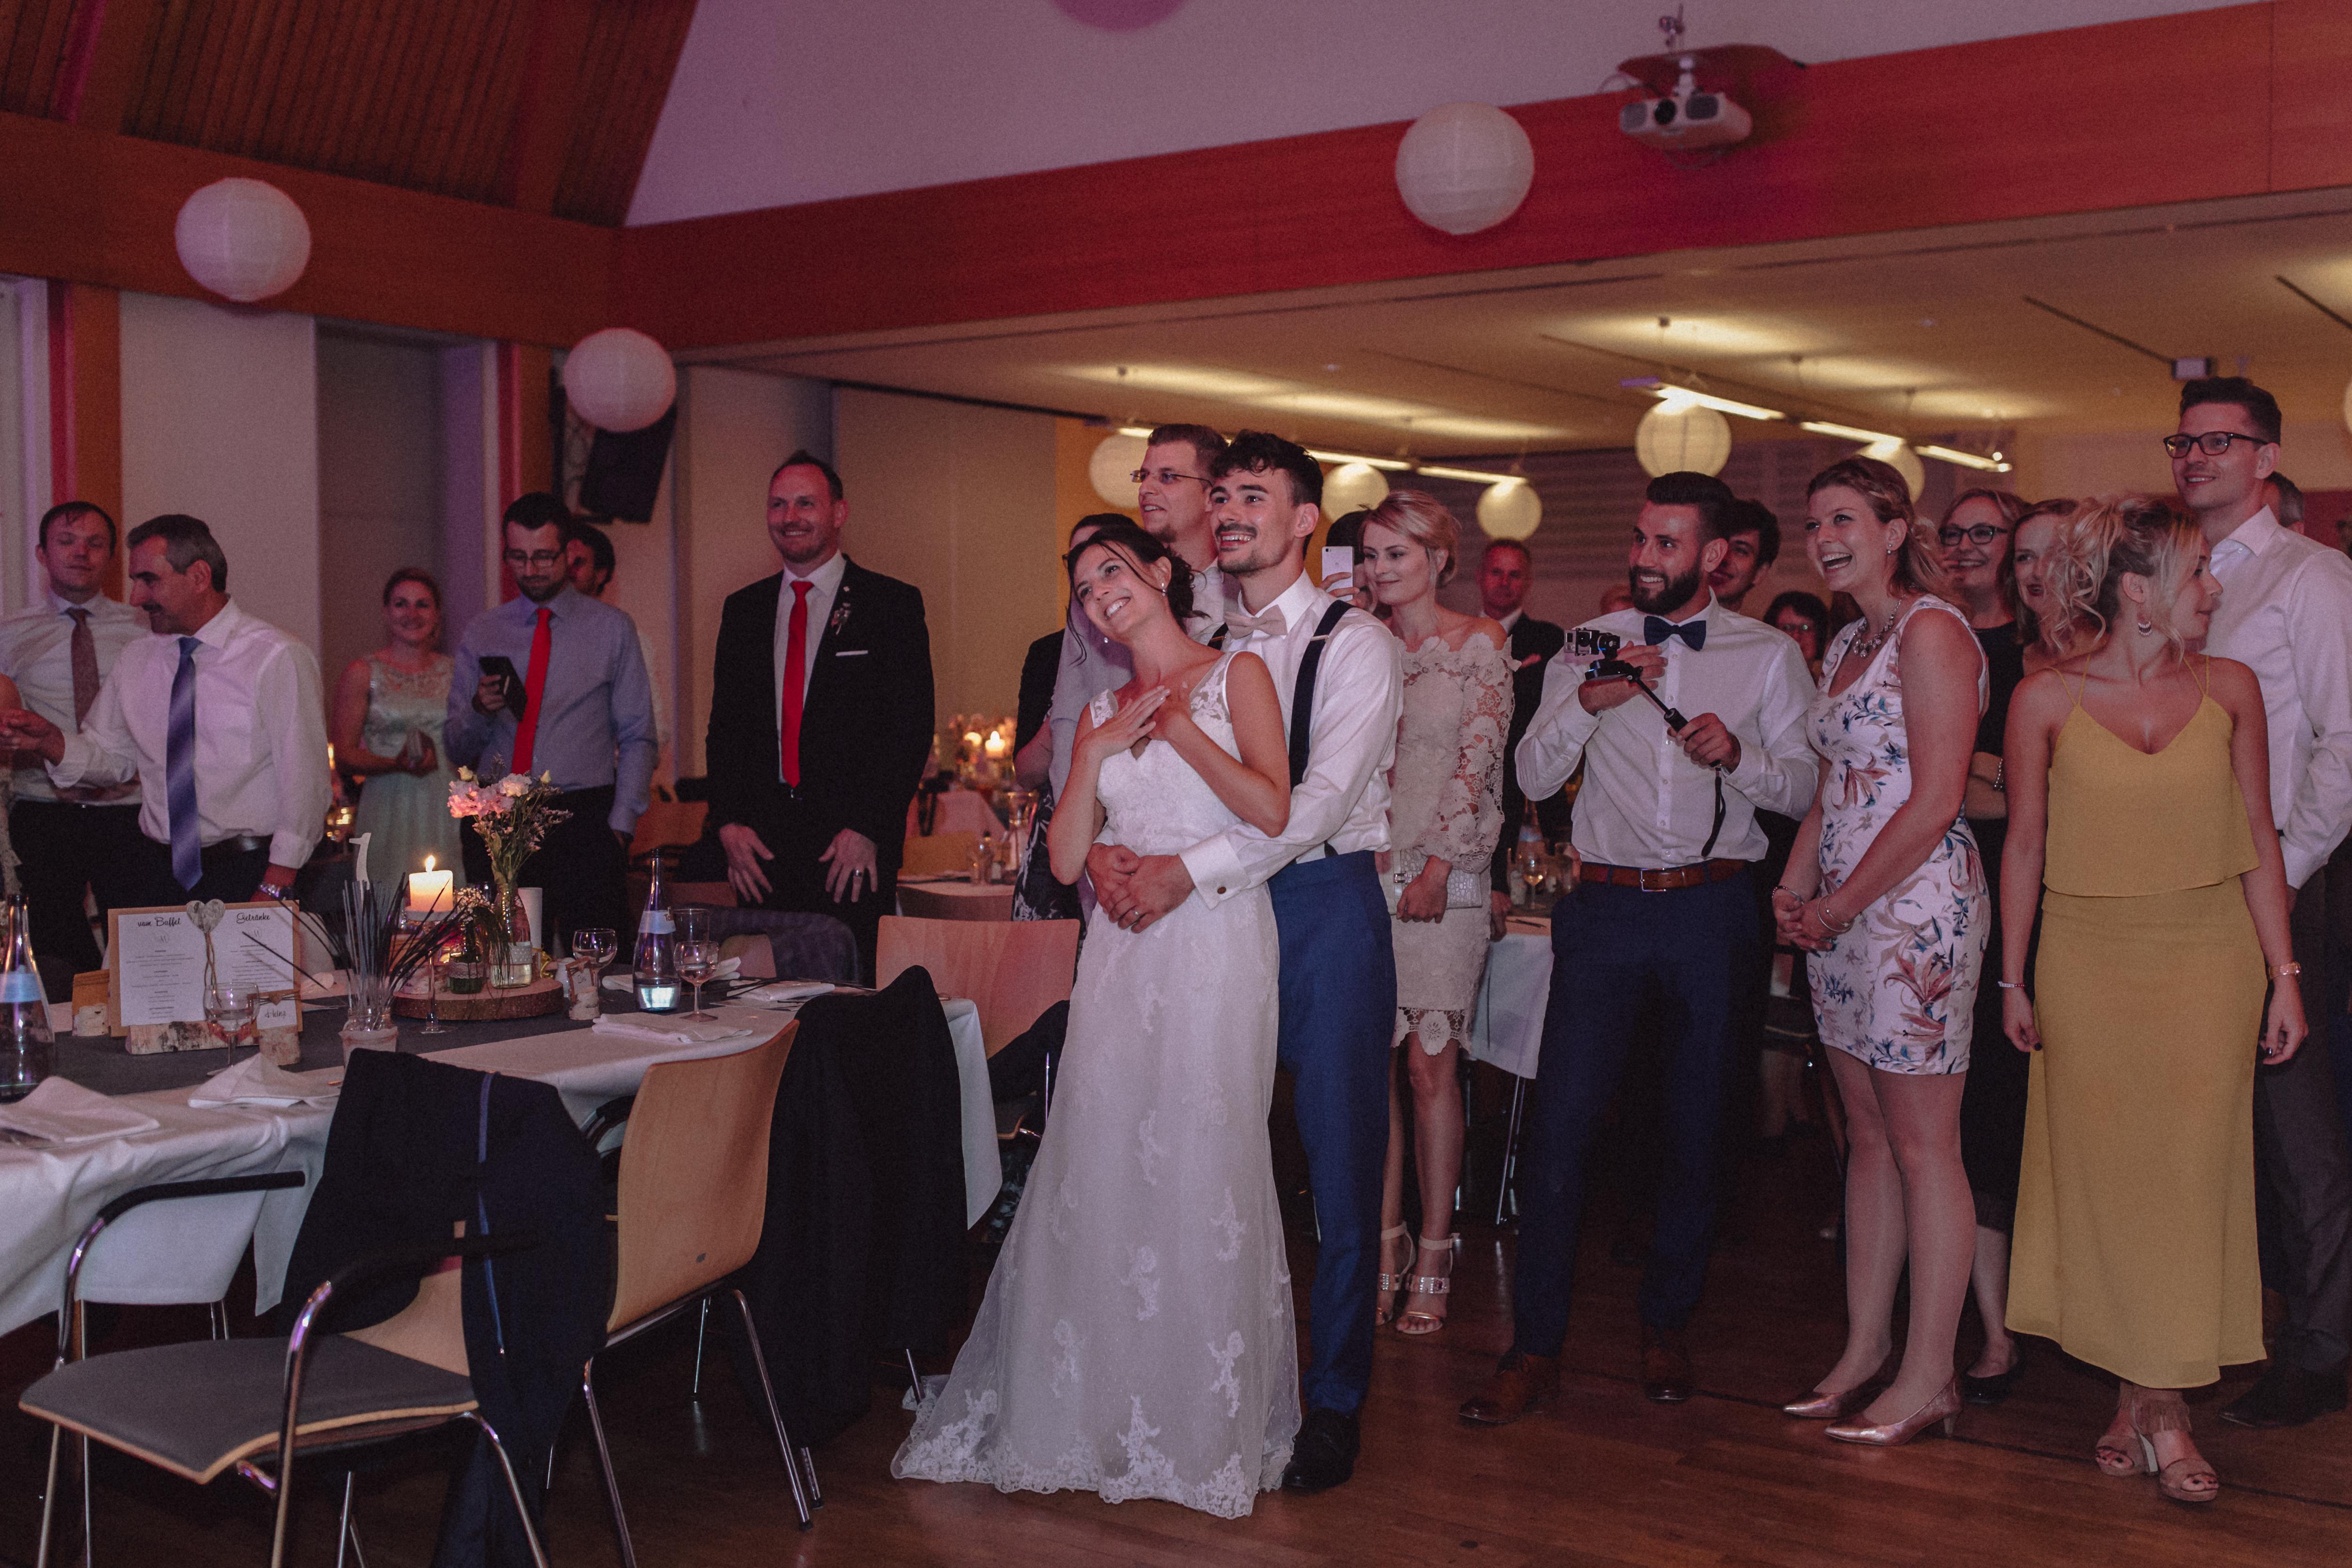 URBANERIE_Daniela_Goth_Hochzeitsfotografin_Nürnberg_Fürth_Erlangen_Schwabach_170715_1220